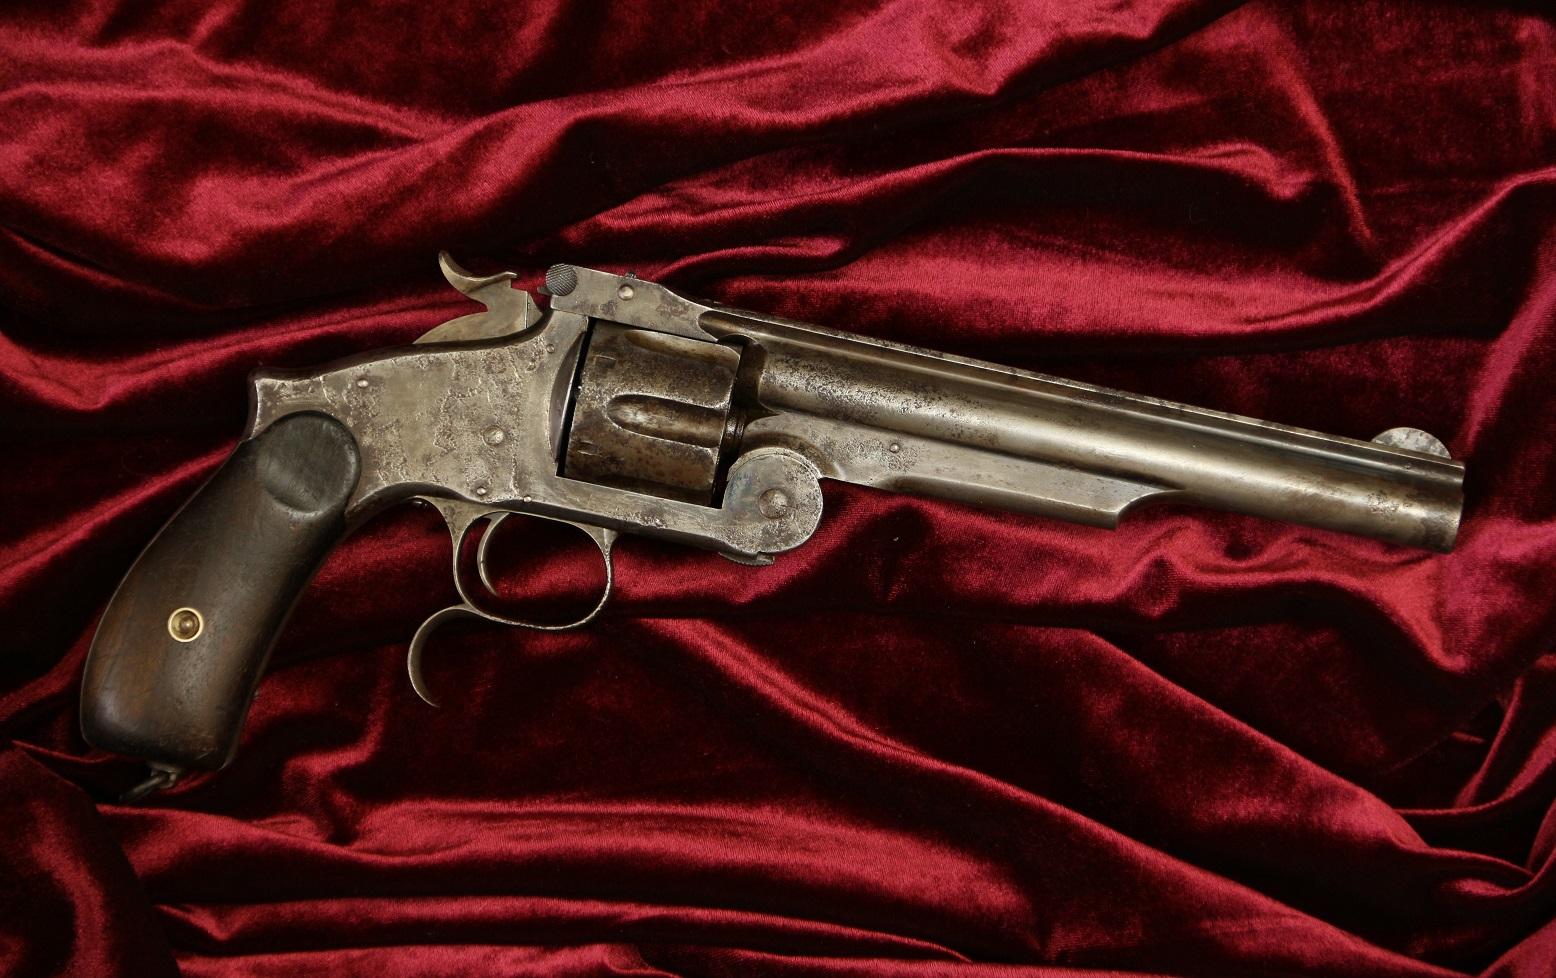 Смит Вессон №29715, русский заказ, 2 тип, чердачная находка